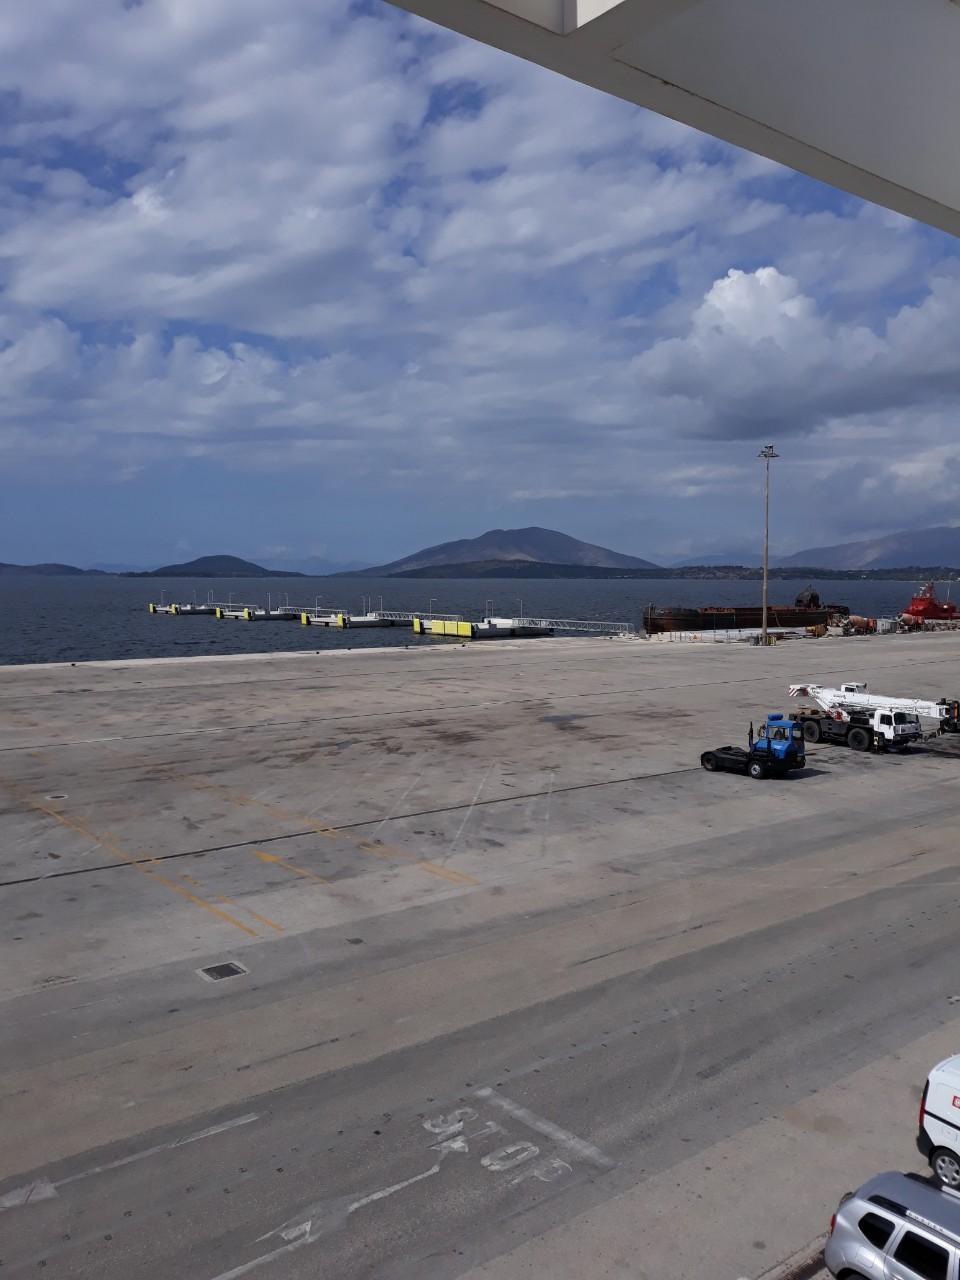 Ήγουμενίτσα: Ολοκληρώθηκαν οι εργασίες κατασκευής της δακτυλοειδούς αποβάθρας της Β' Φάσης του Νέου Λιμένα Ηγουμενίτσας